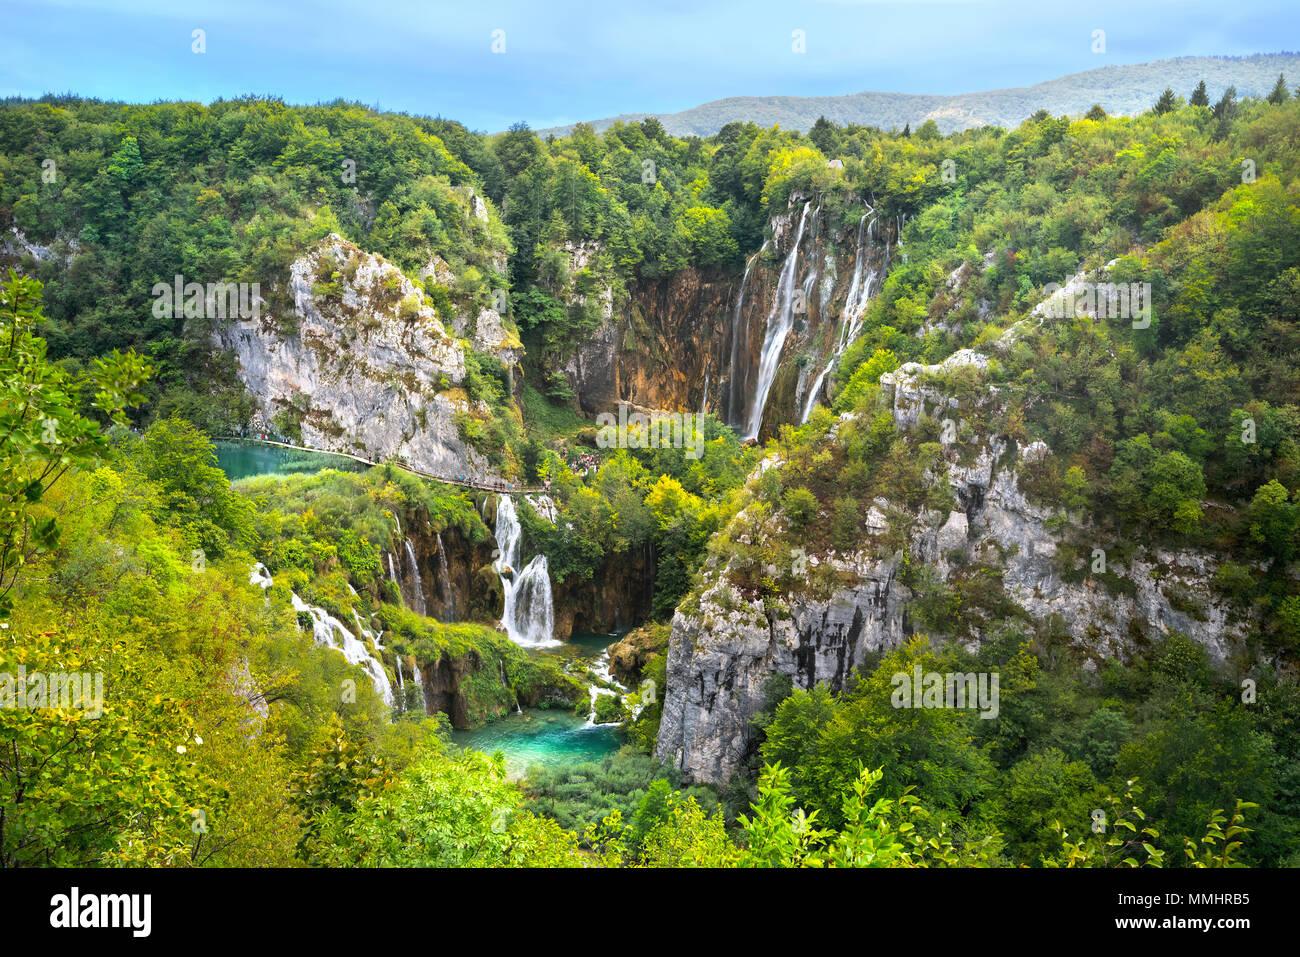 Landschaft mit wunderschönen Wasserfälle im Nationalpark Plitvice. Kroatien Stockbild